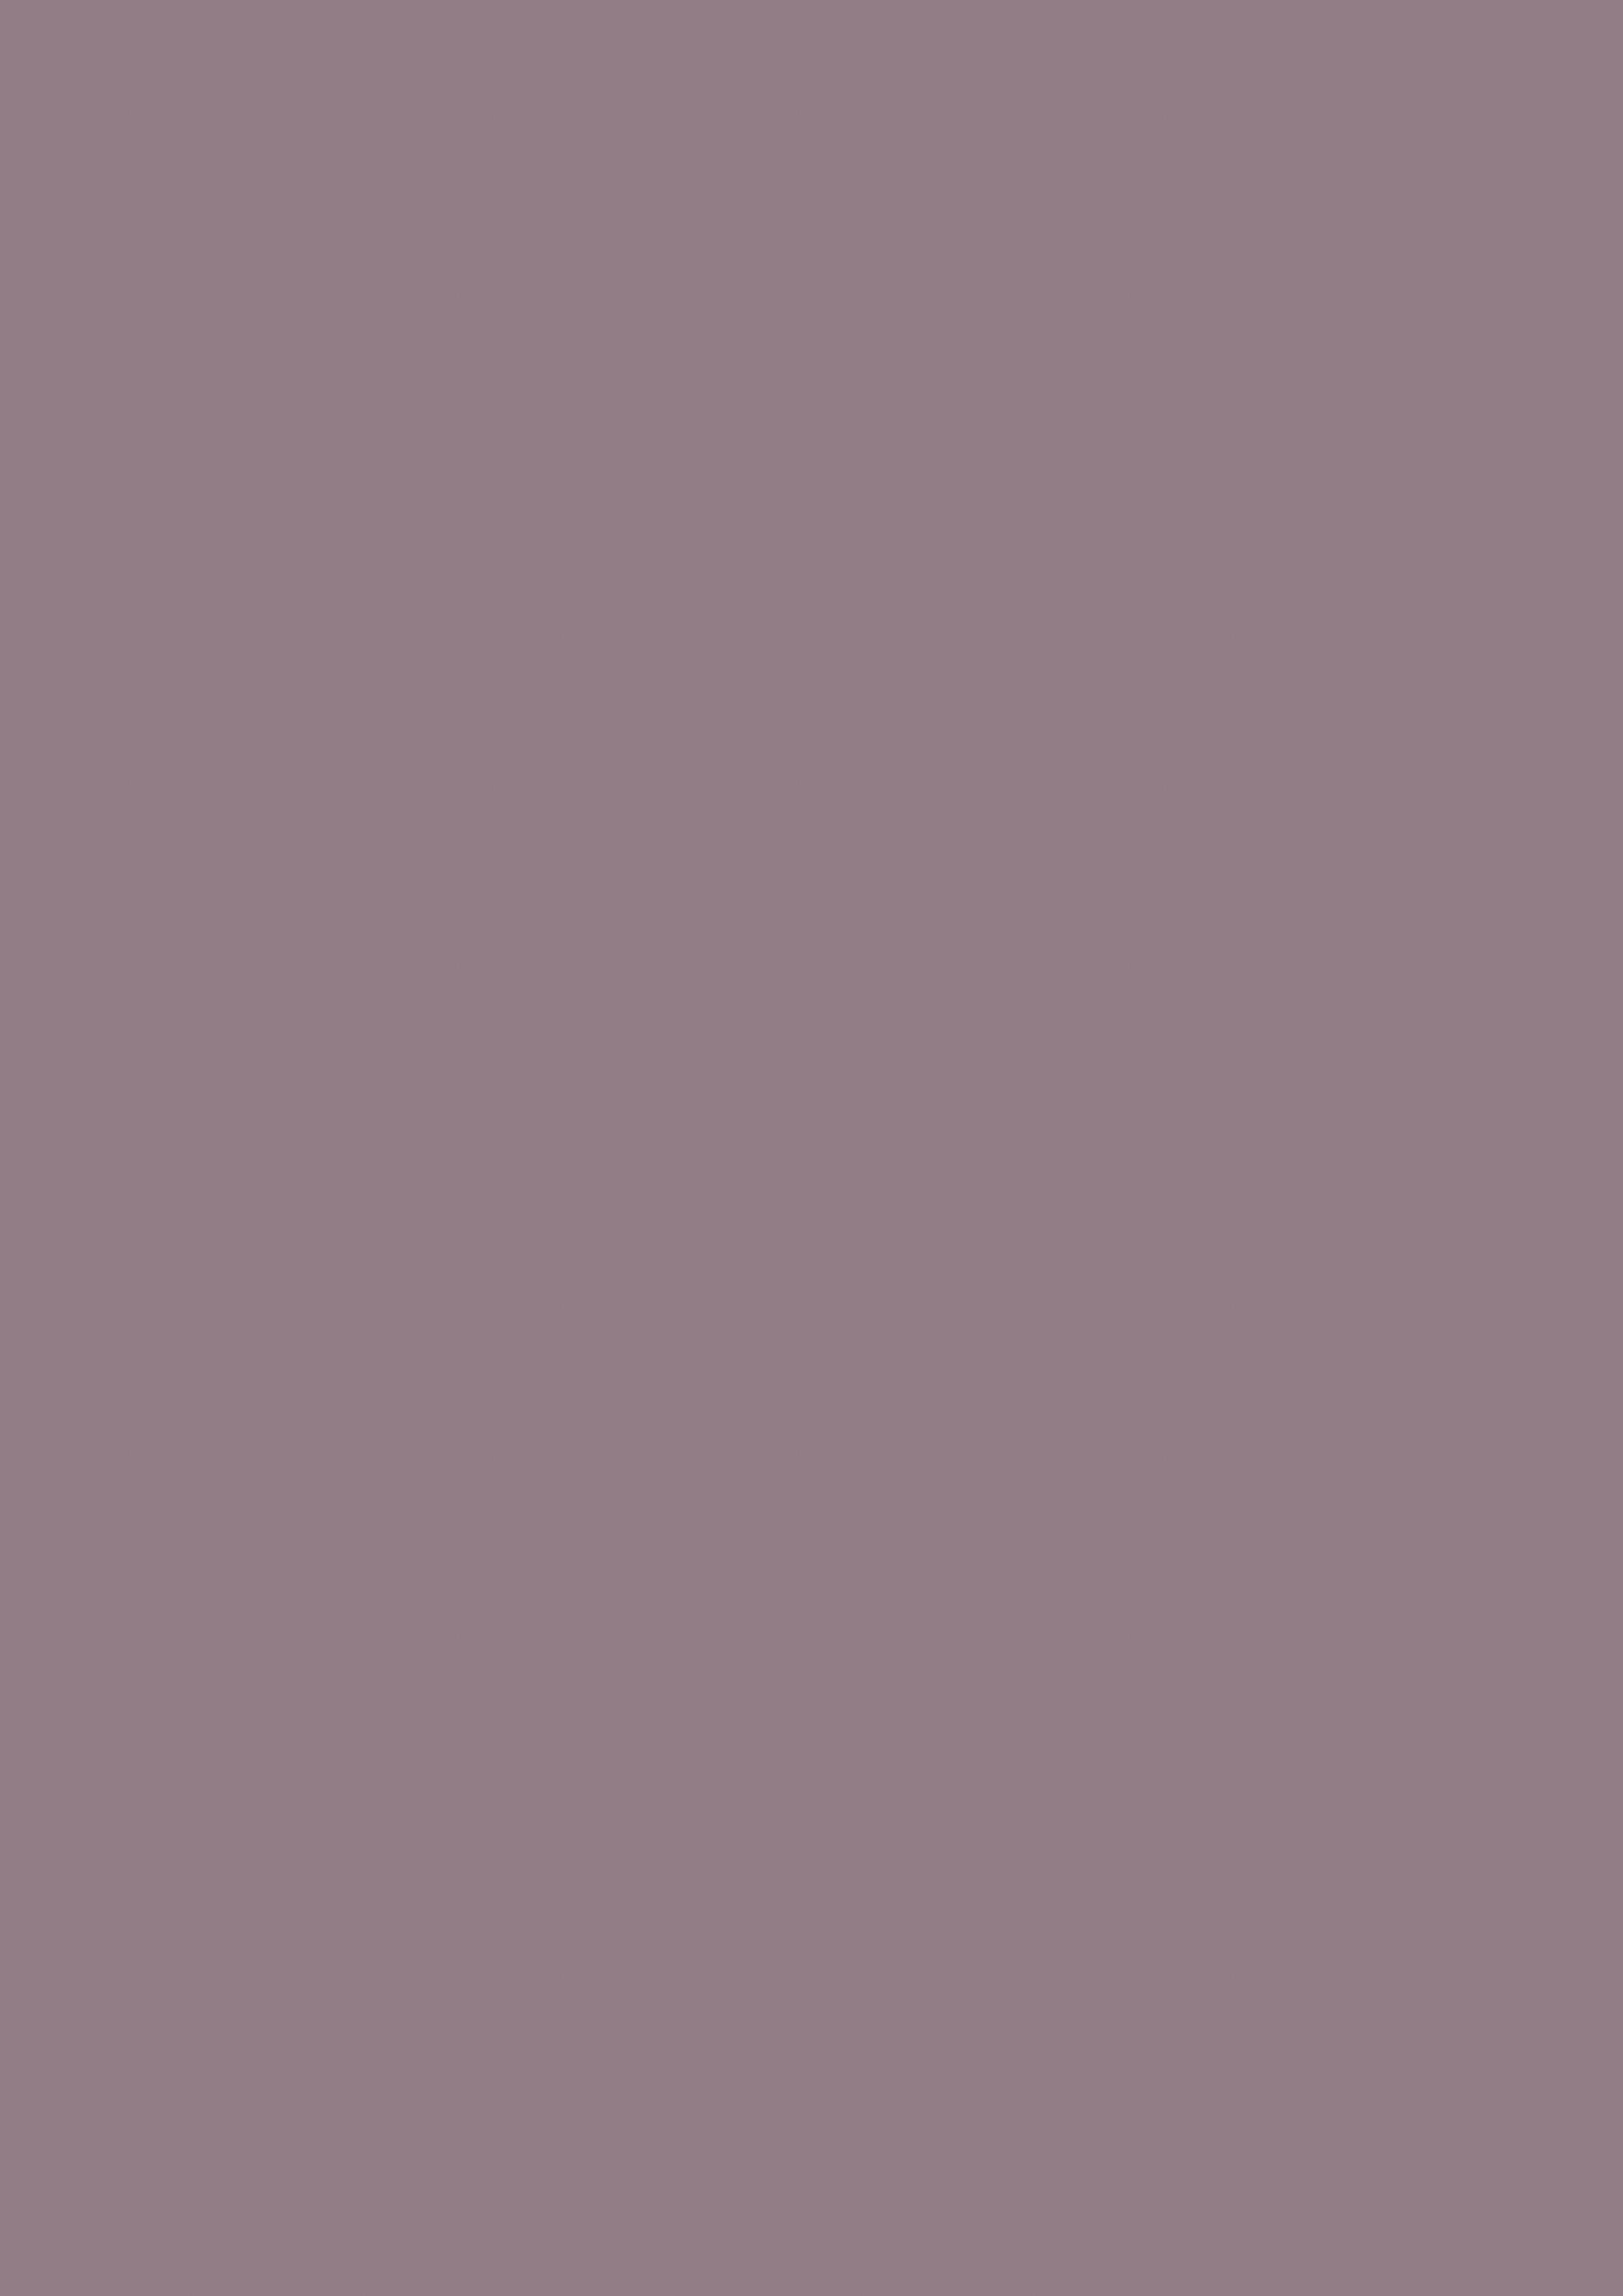 Plum (U1795LL)